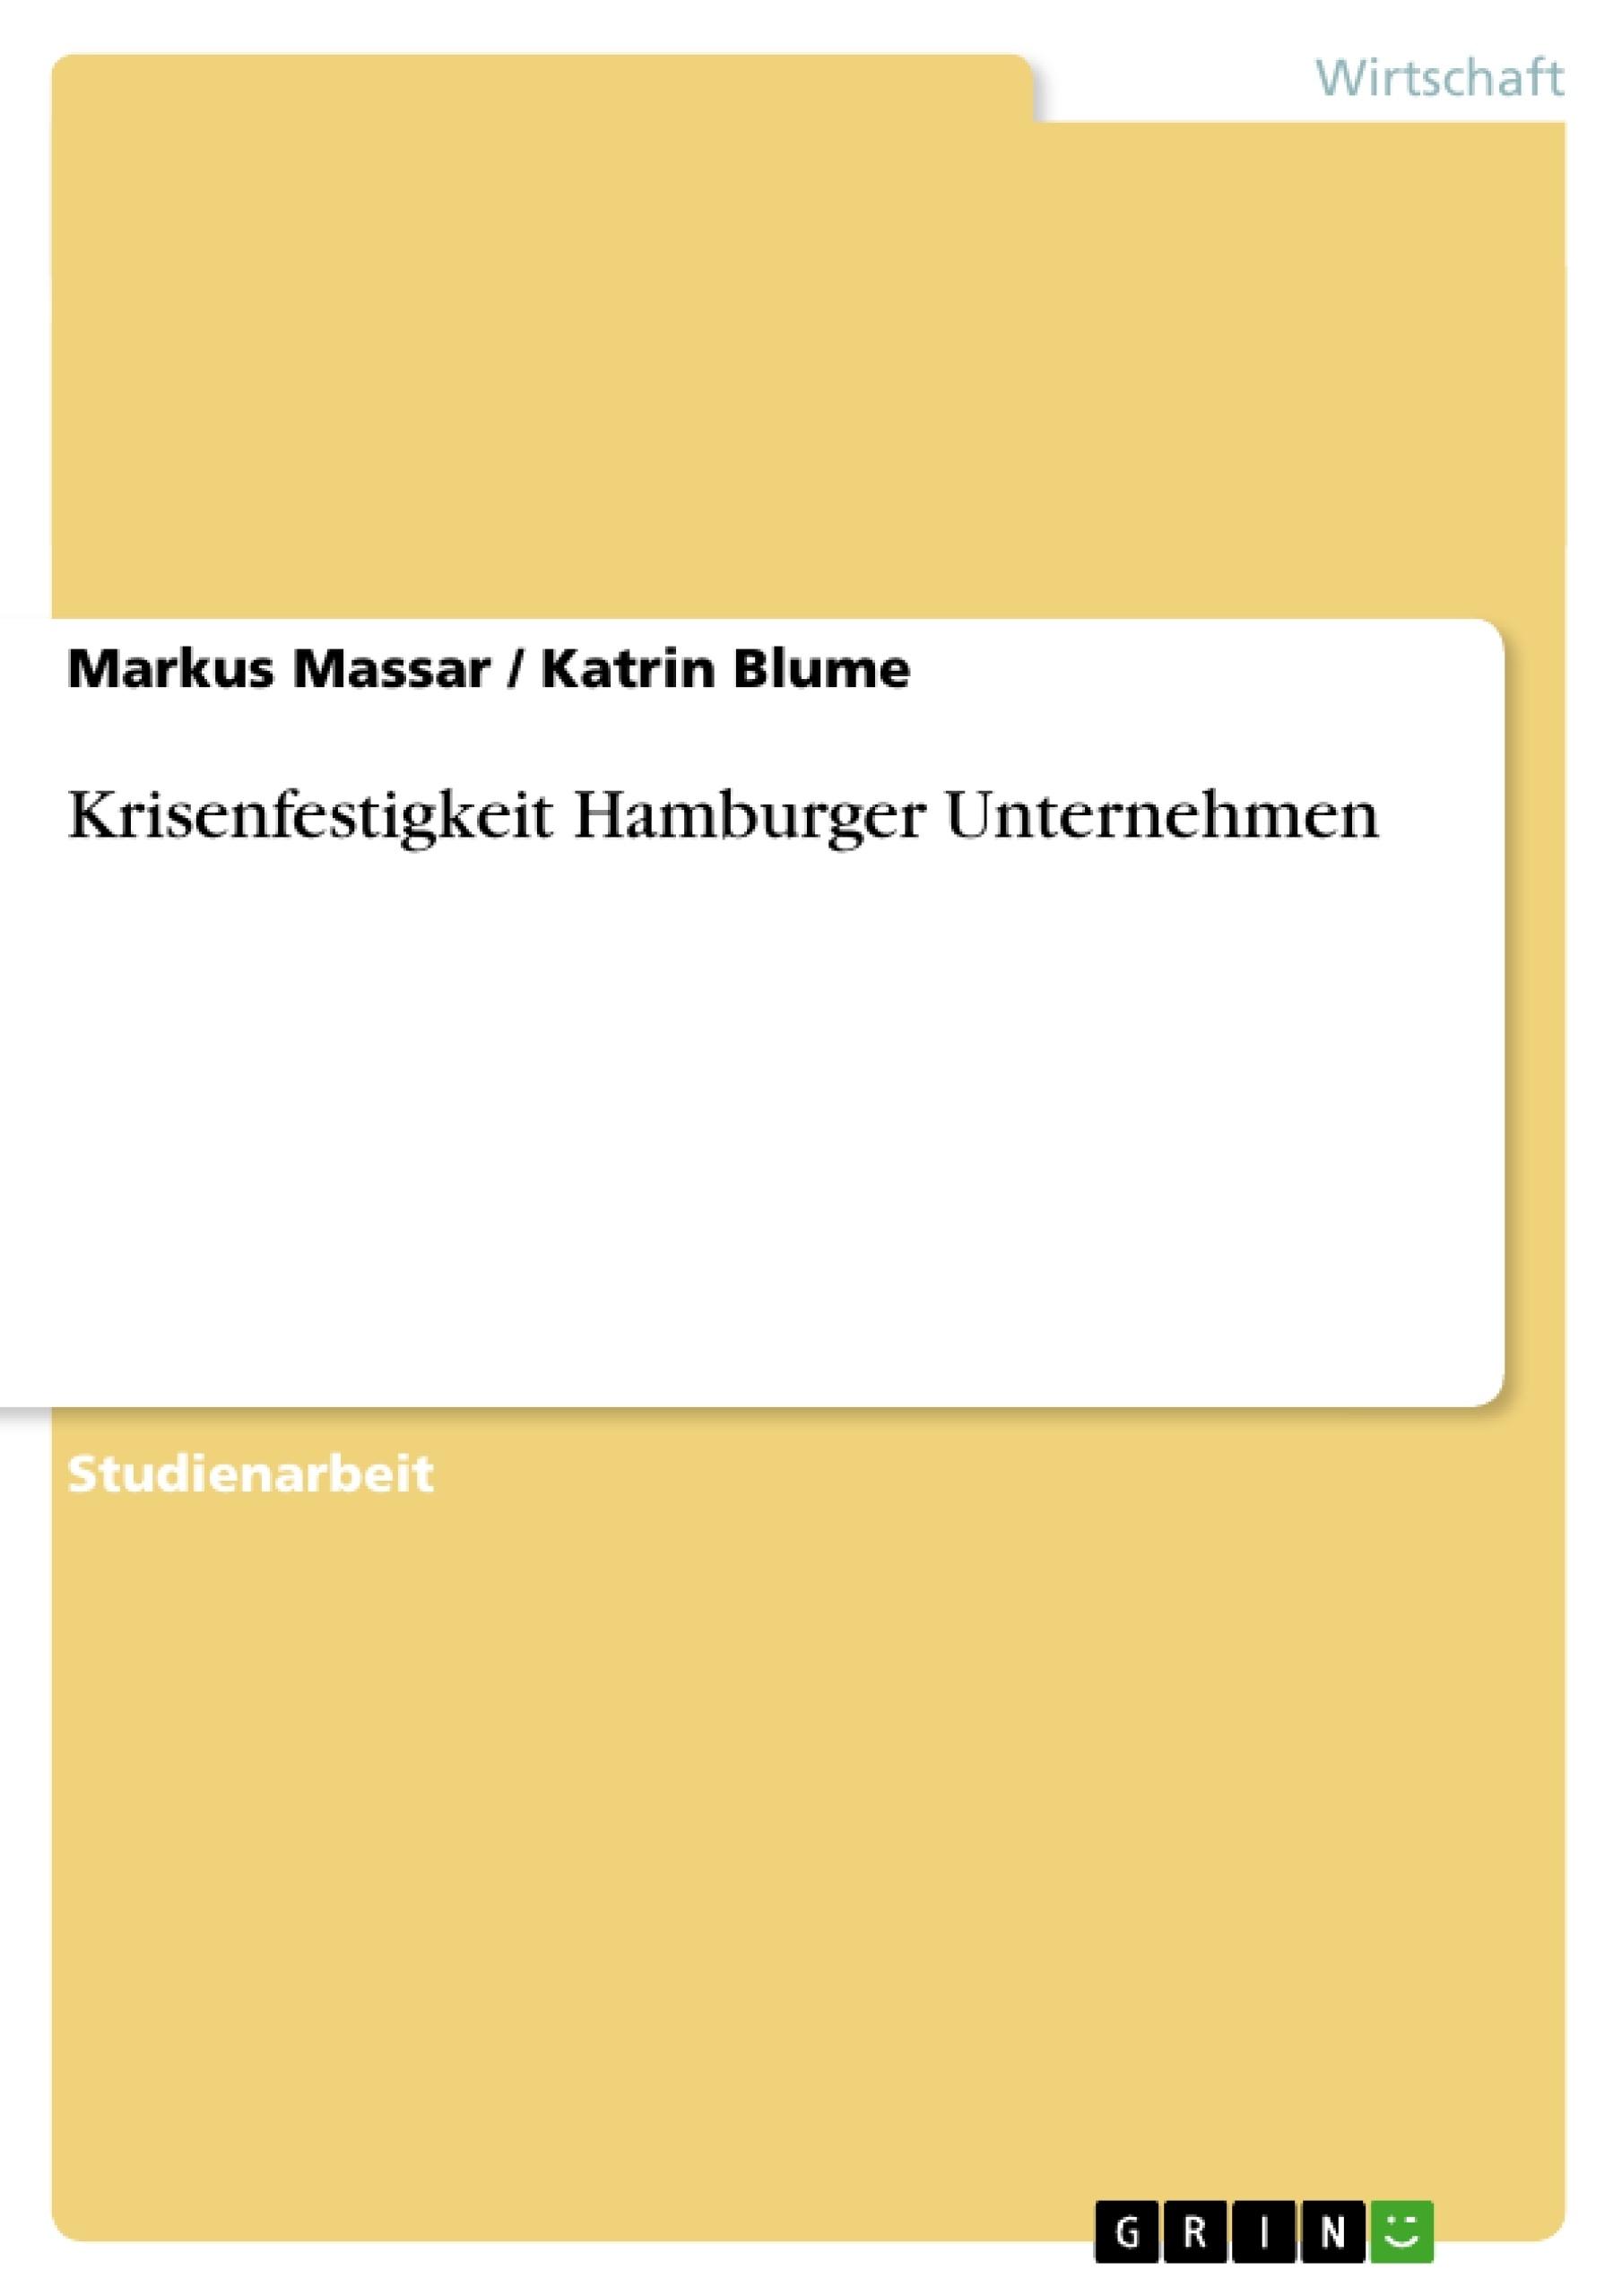 Titel: Krisenfestigkeit Hamburger Unternehmen